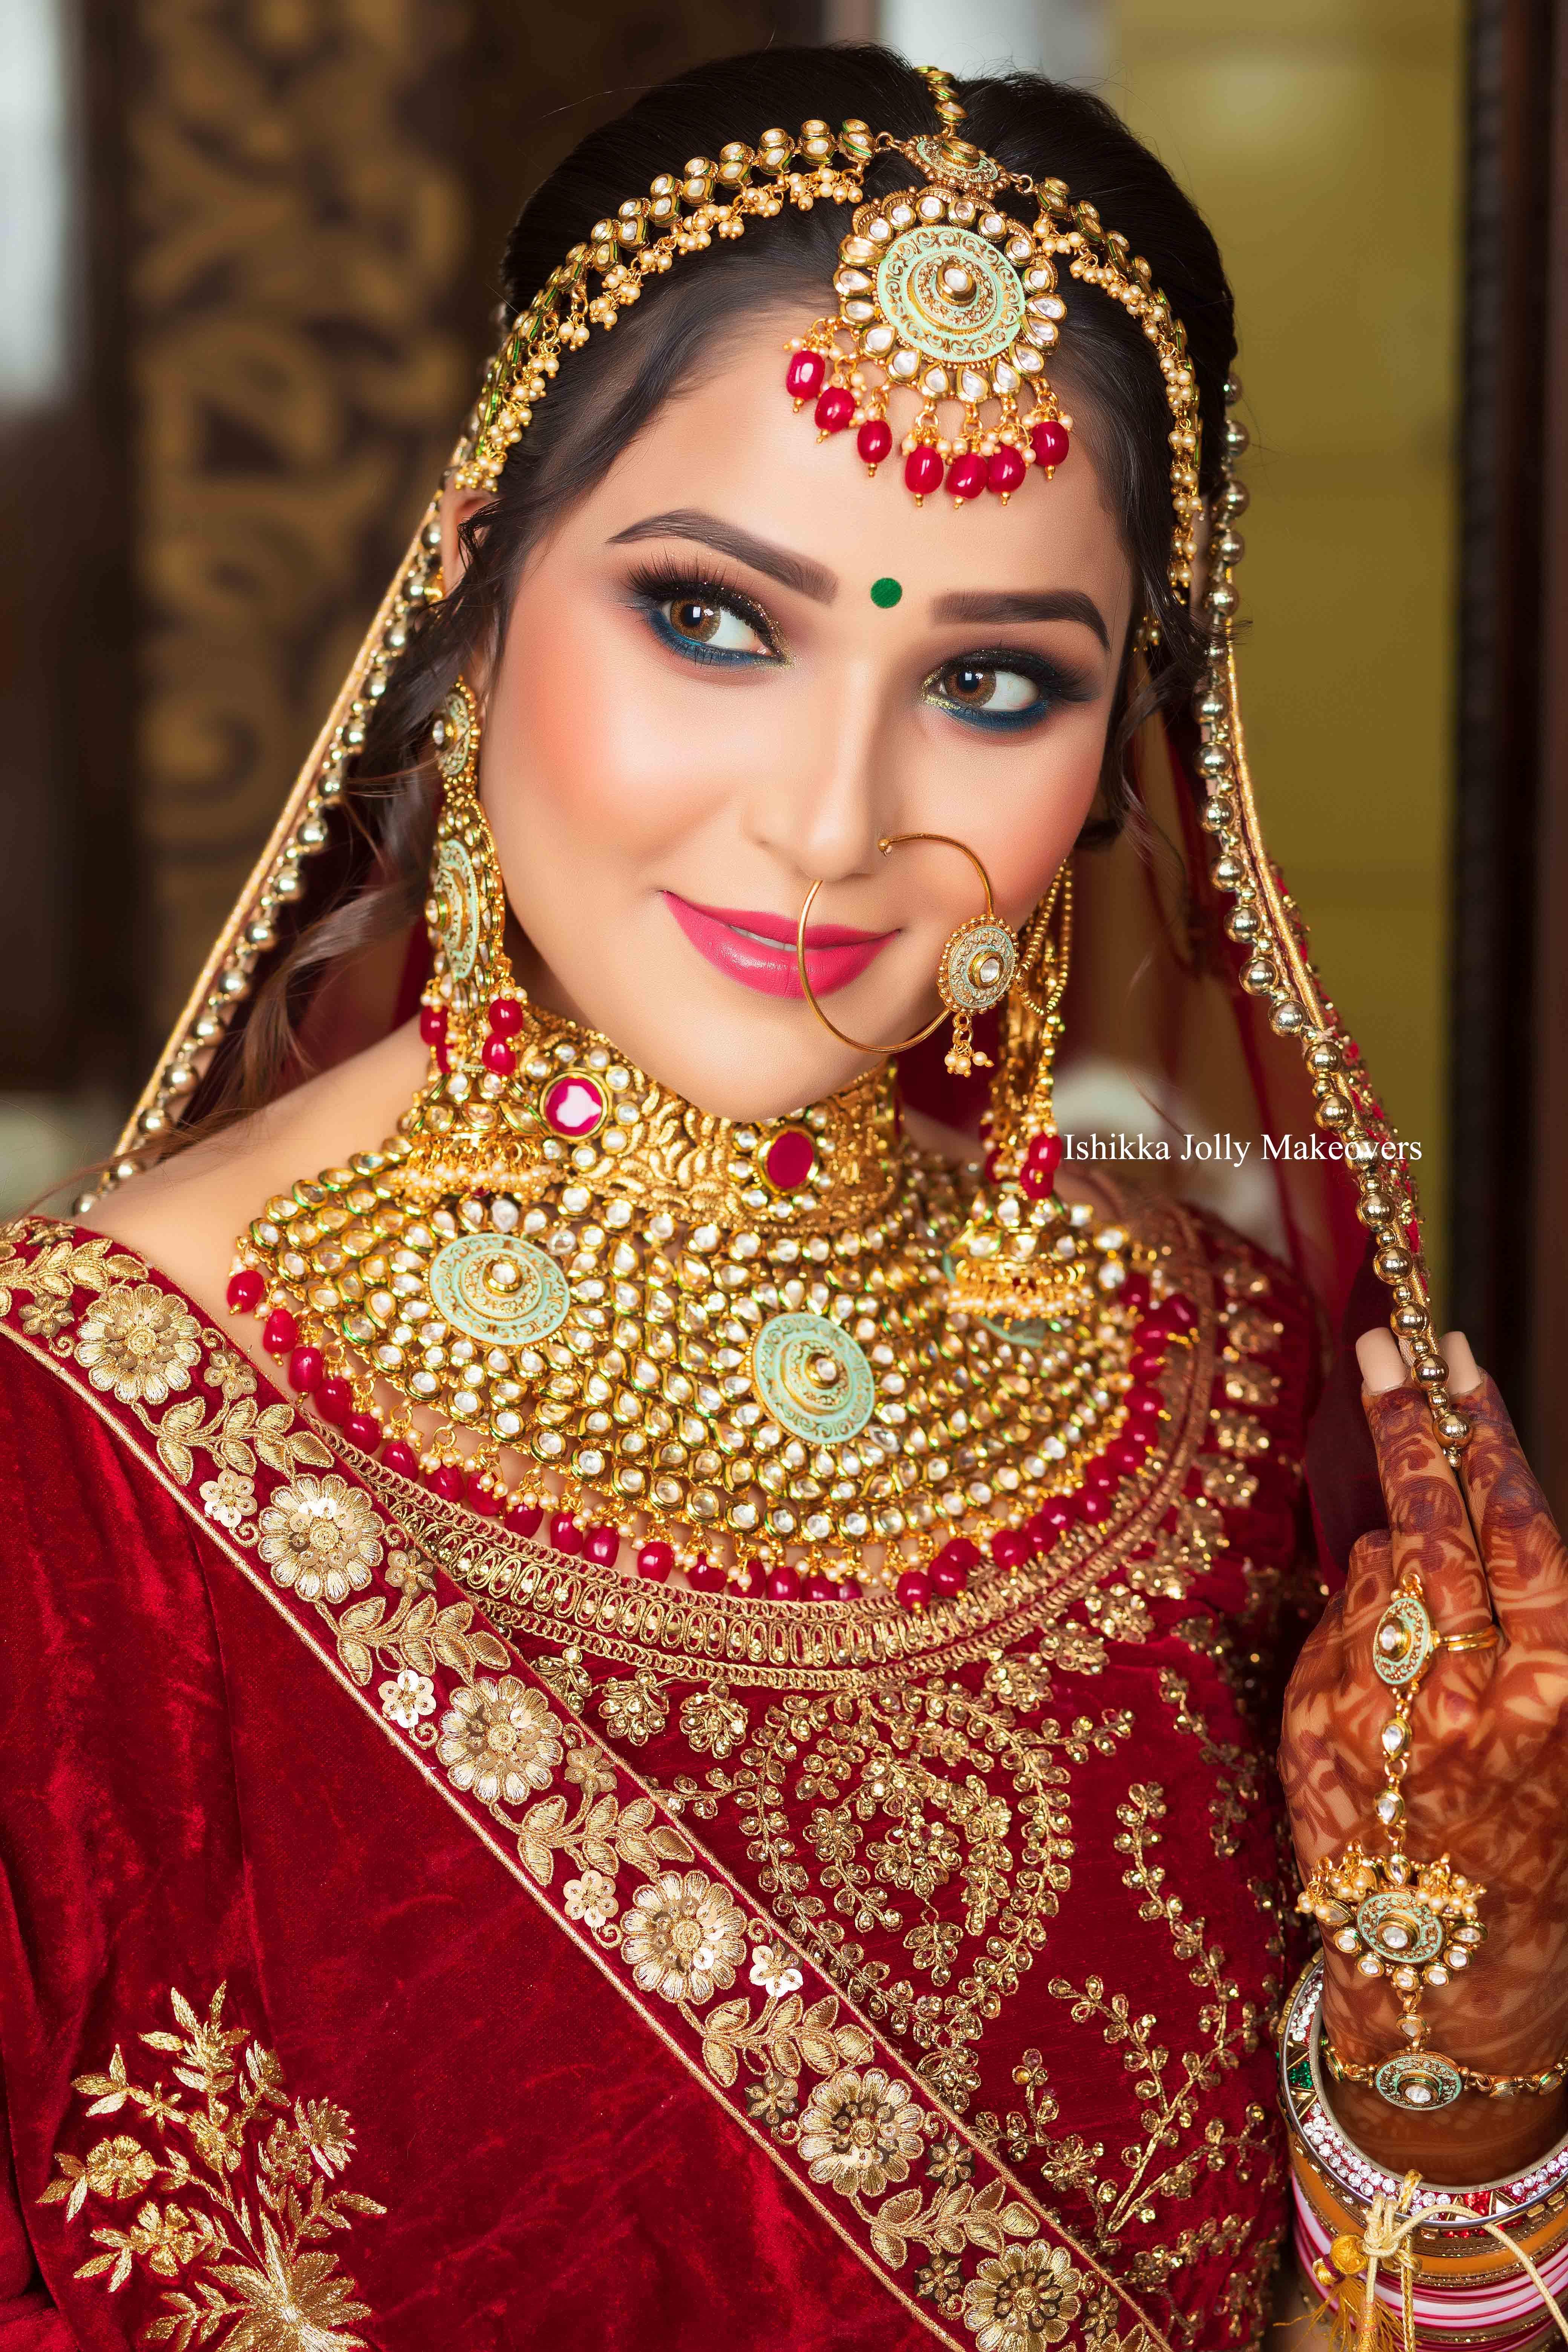 Find The Best Freelance Makeup Artist In Delhi For Bridal Makeup?